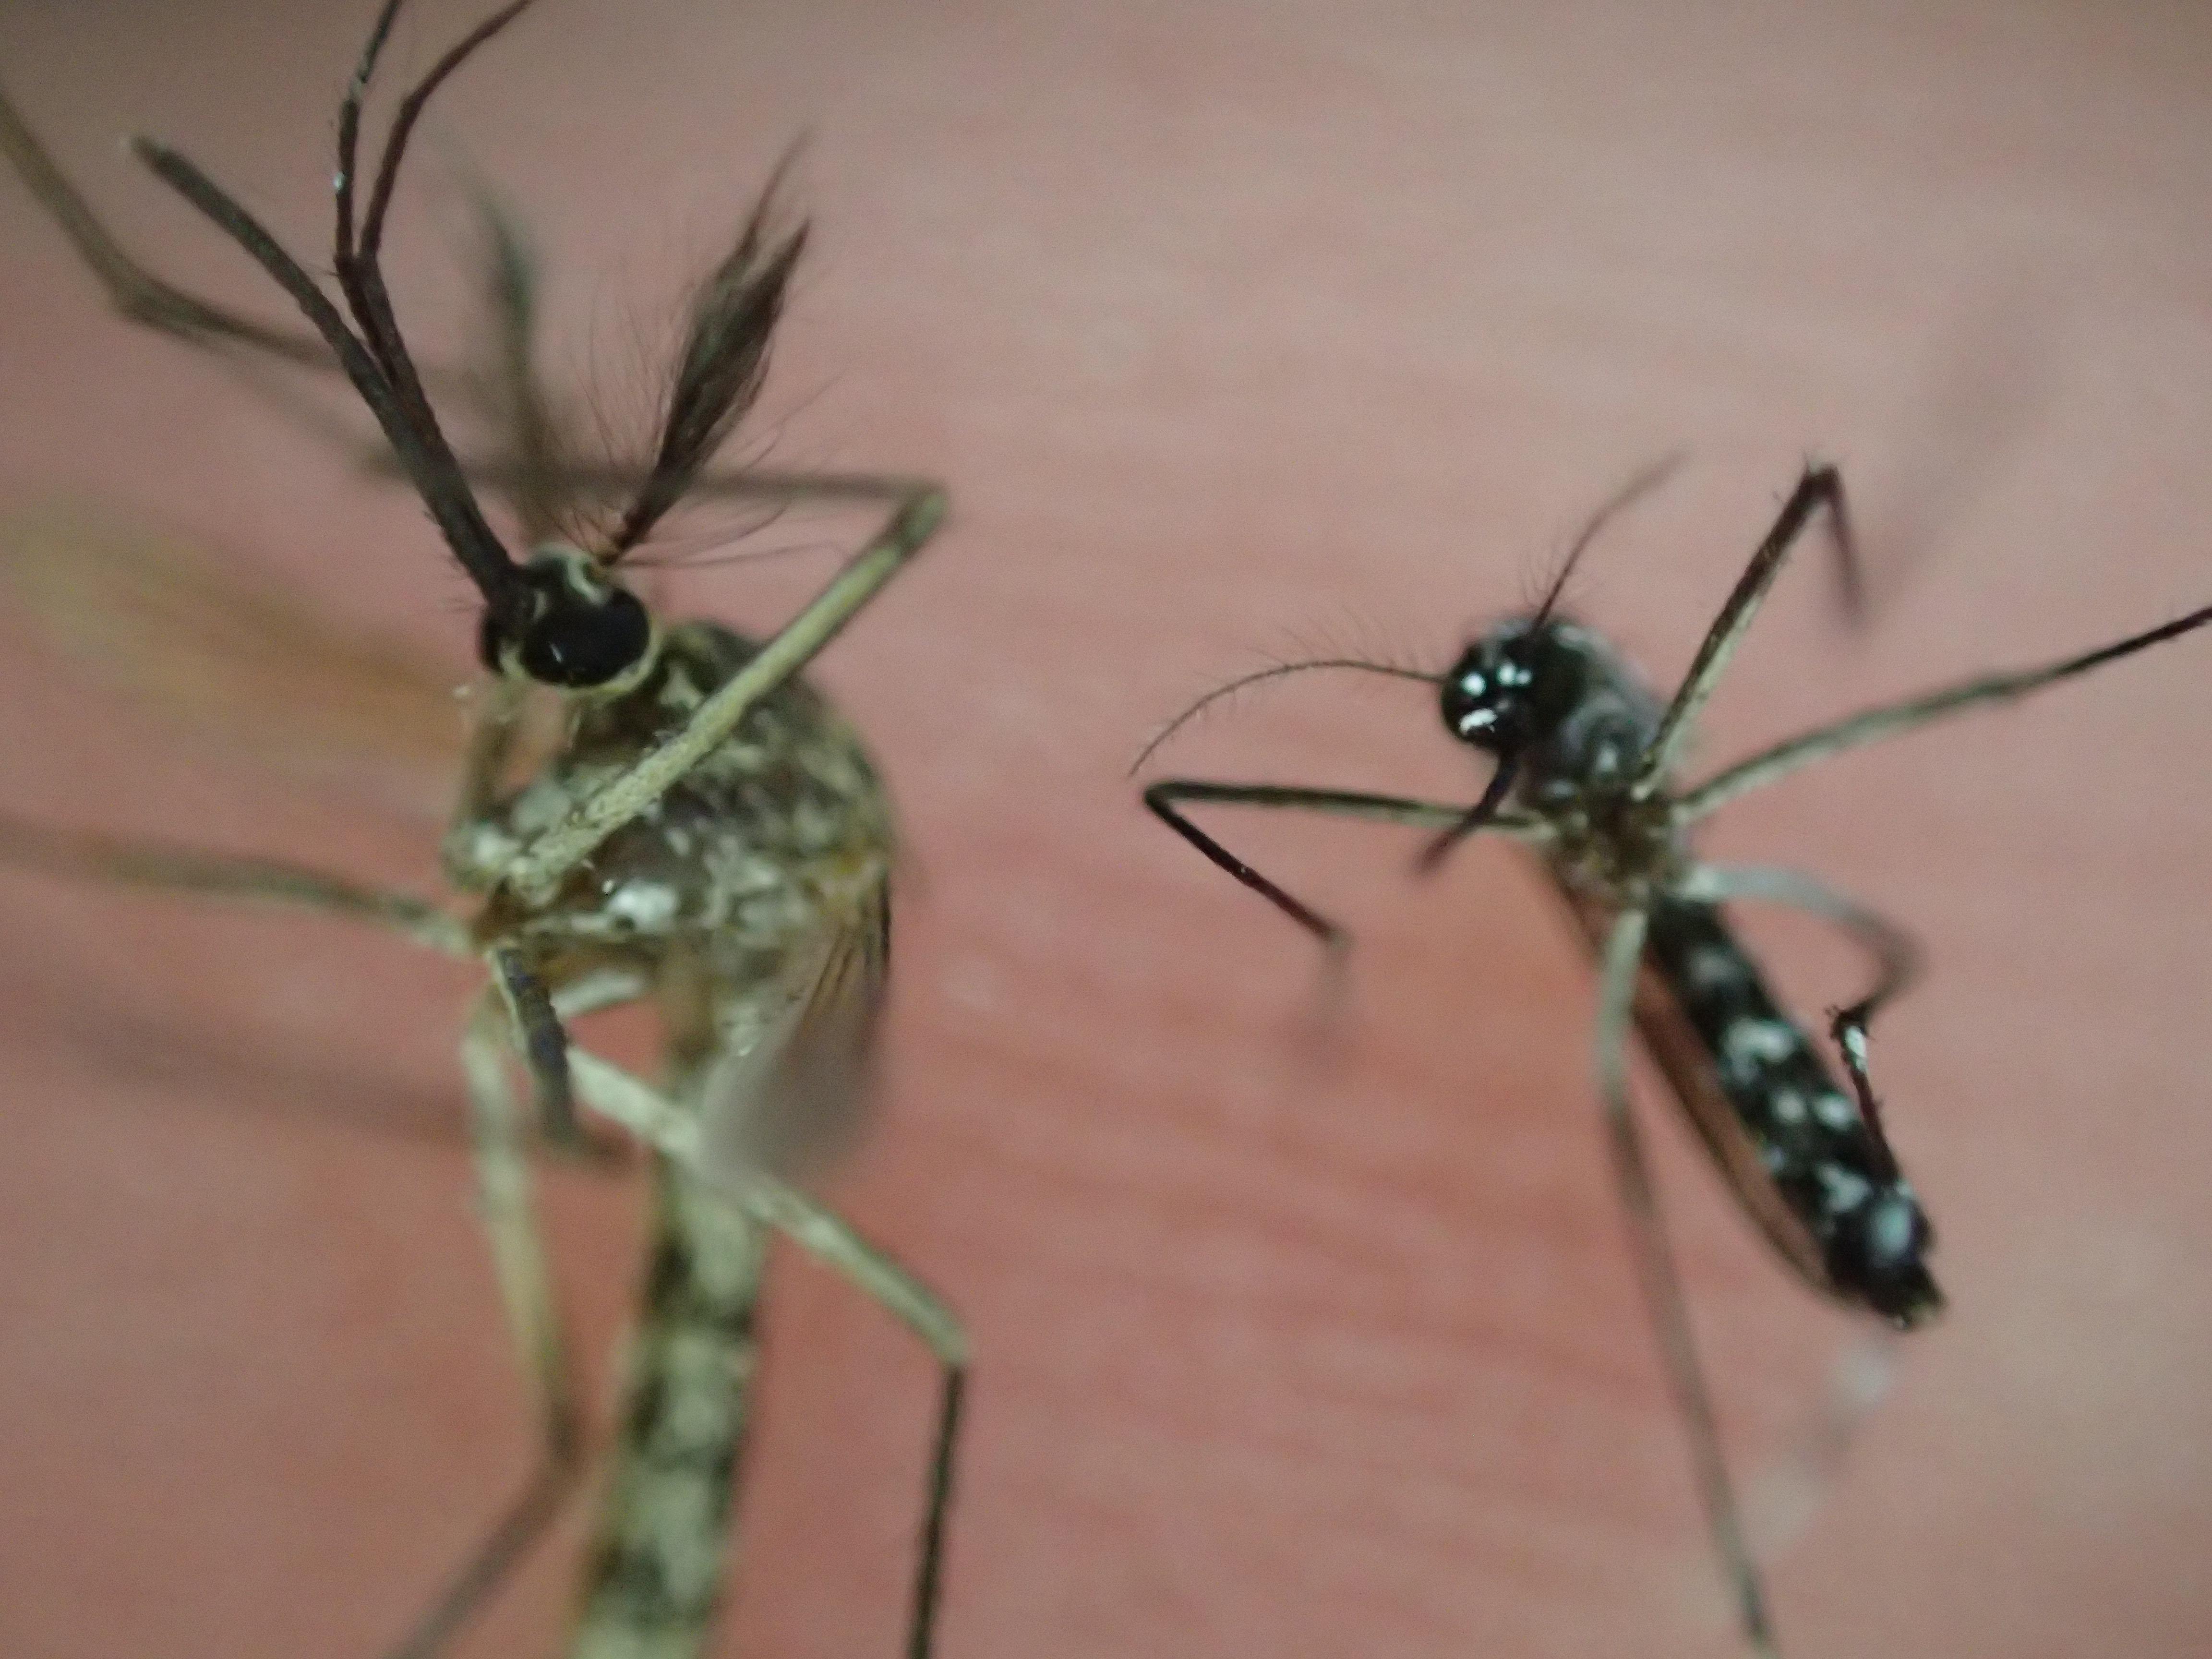 大きい蚊は、吻(ふん)の湾曲、胸の白色など体の特徴からオオクロヤブカの可能性が高い?